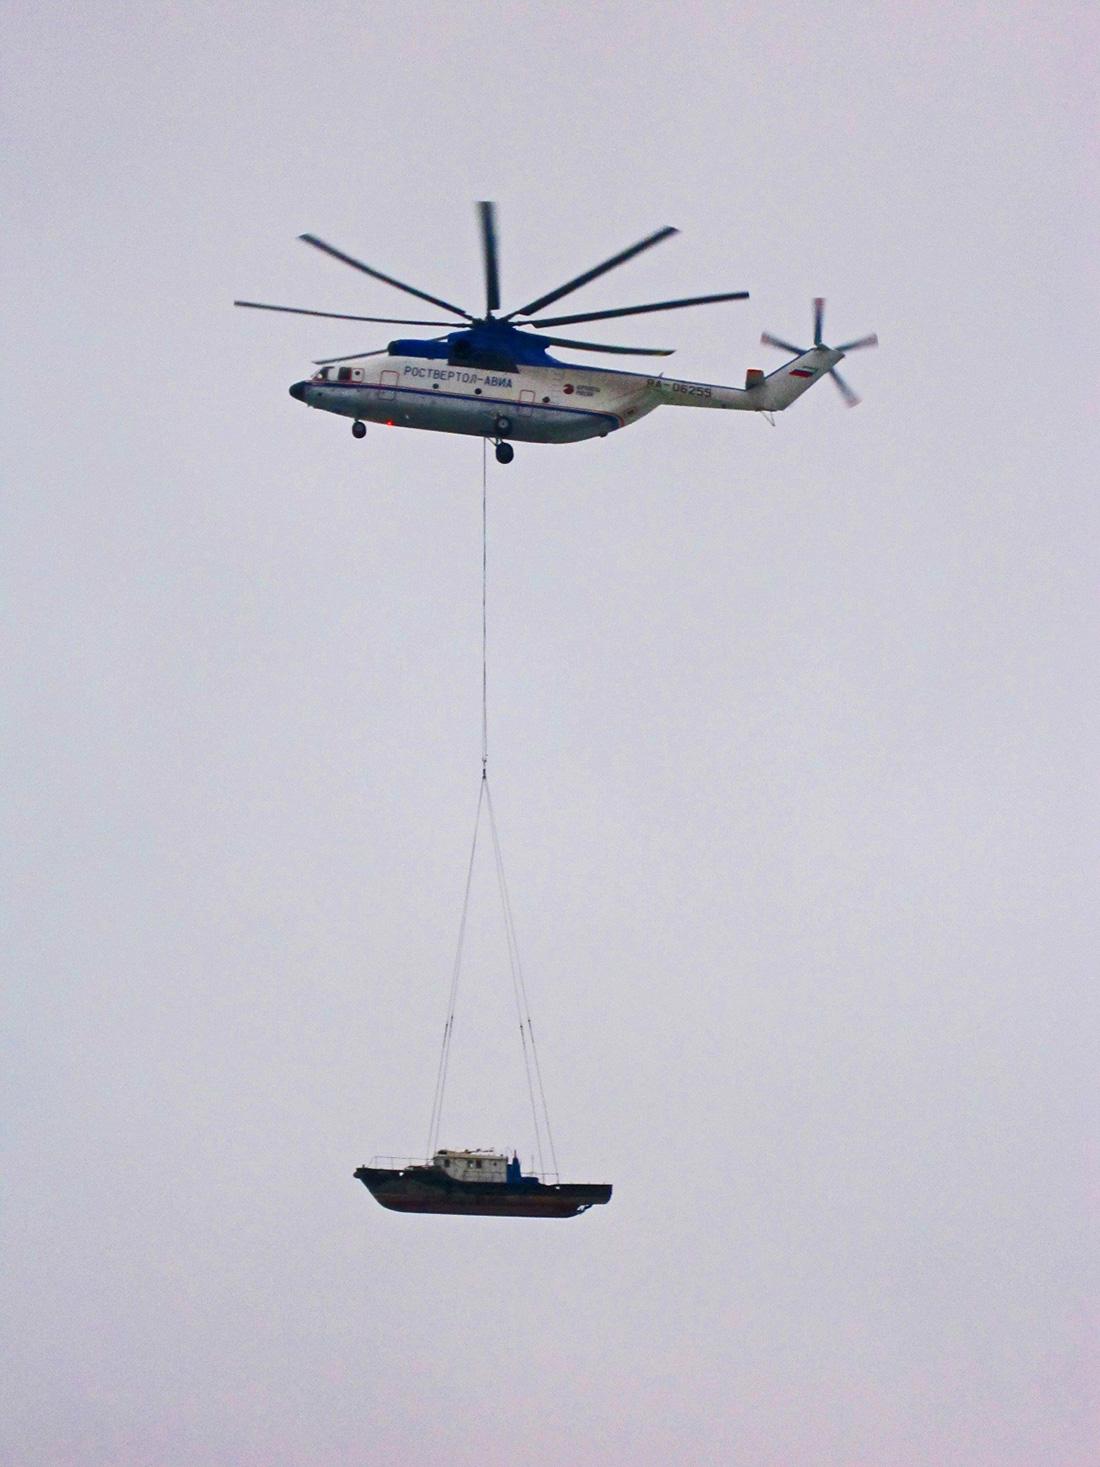 Самый грузоподъемный вертолет в мире Ми-26Т.